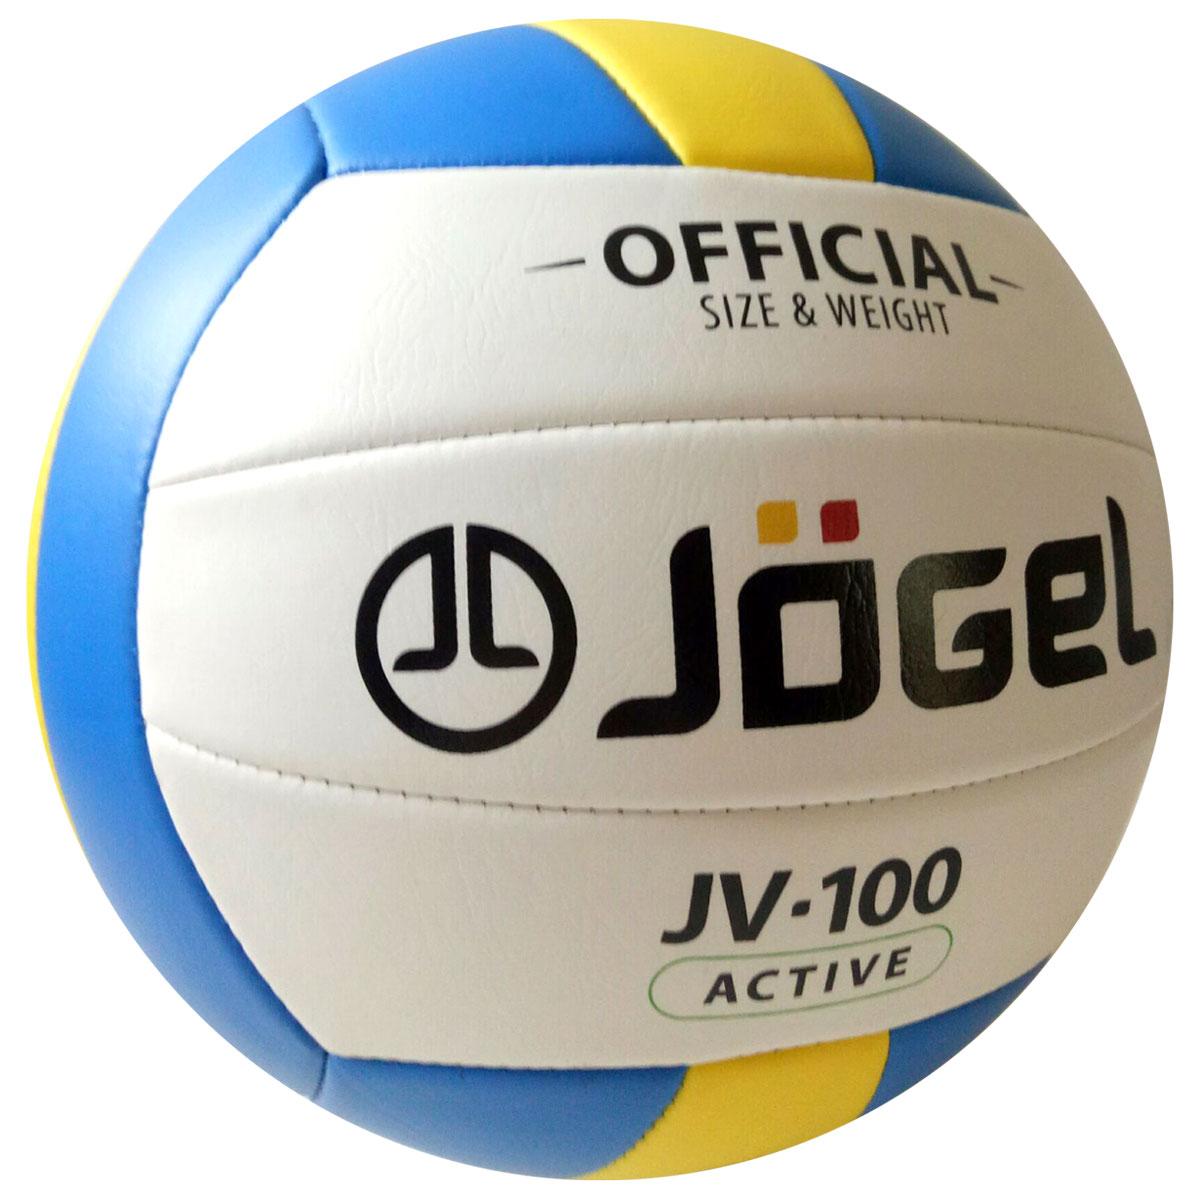 Мяч волейбольный Jogel, цвет: голубой, желтый. Размер 5. JV-100120335_white/blackВолейбольный мяч Jogel хорошо подойдет для любительской игры и тренировок. Покрышка мяча выполнена из синтетической кожи (поливинилхлорид), которая обладает хорошей износостойкостью и отличными игровыми характеристиками.Мяч состоит из 18 сшитых панелей. Мяч оснащен камерой из бутила и армирован подкладочным слоем из ткани. Вес: 260-280 гр.Длина окружности: 65-67 см.Рекомендованное давление: 0.29-0.32 бар.УВАЖАЕМЫЕ КЛИЕНТЫ!Обращаем ваше внимание на тот факт, что мяч поставляется в сдутом виде. Насос в комплект не входит.